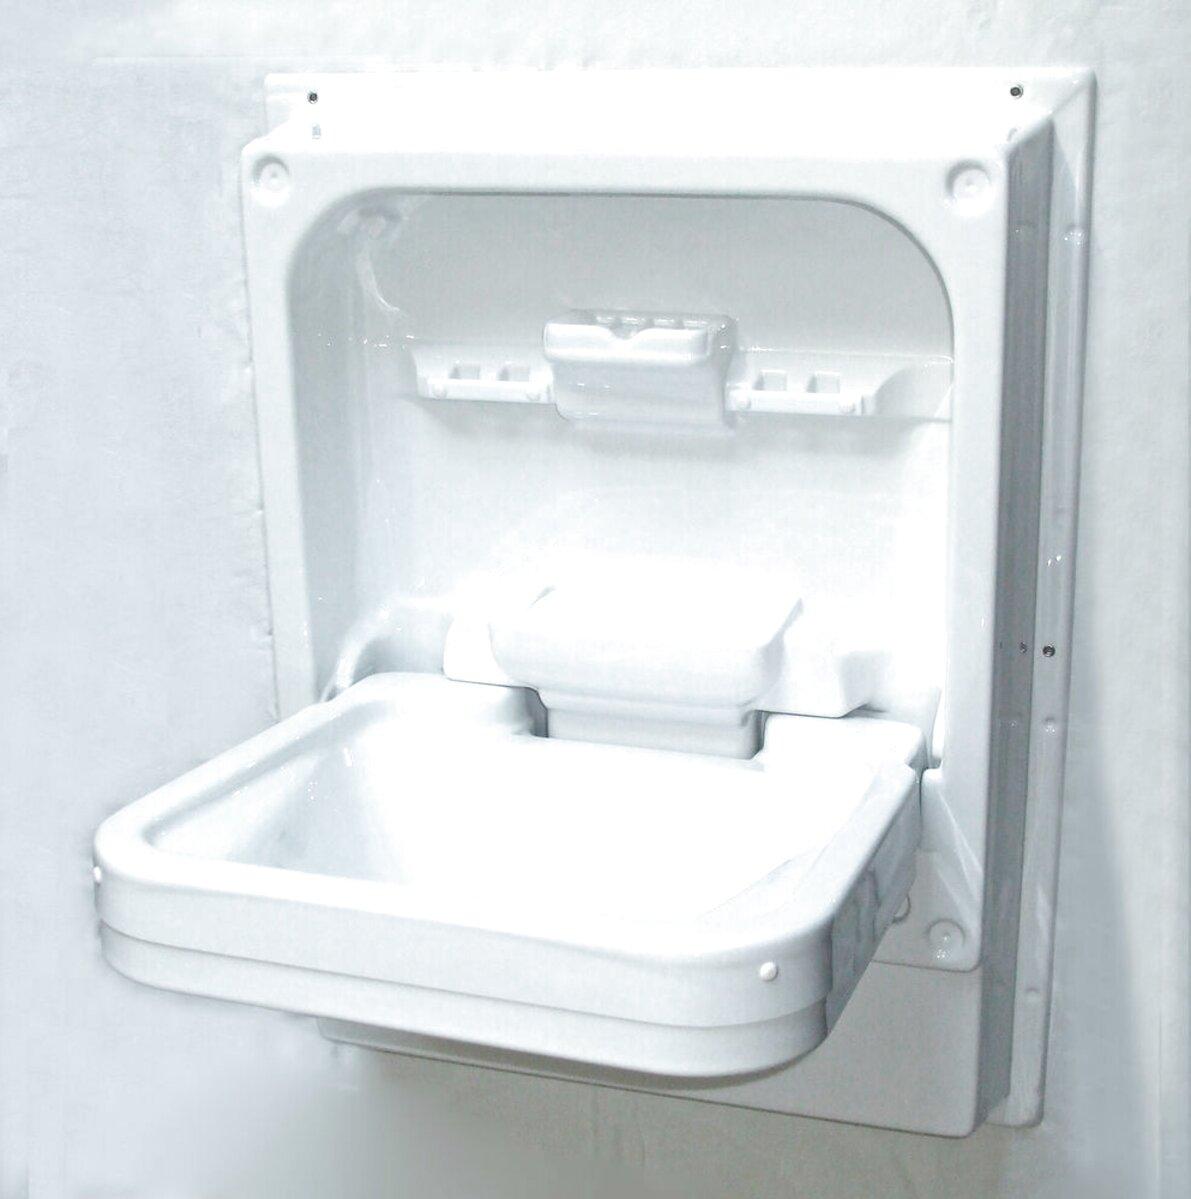 waschbecken wohnwagen gebraucht kaufen